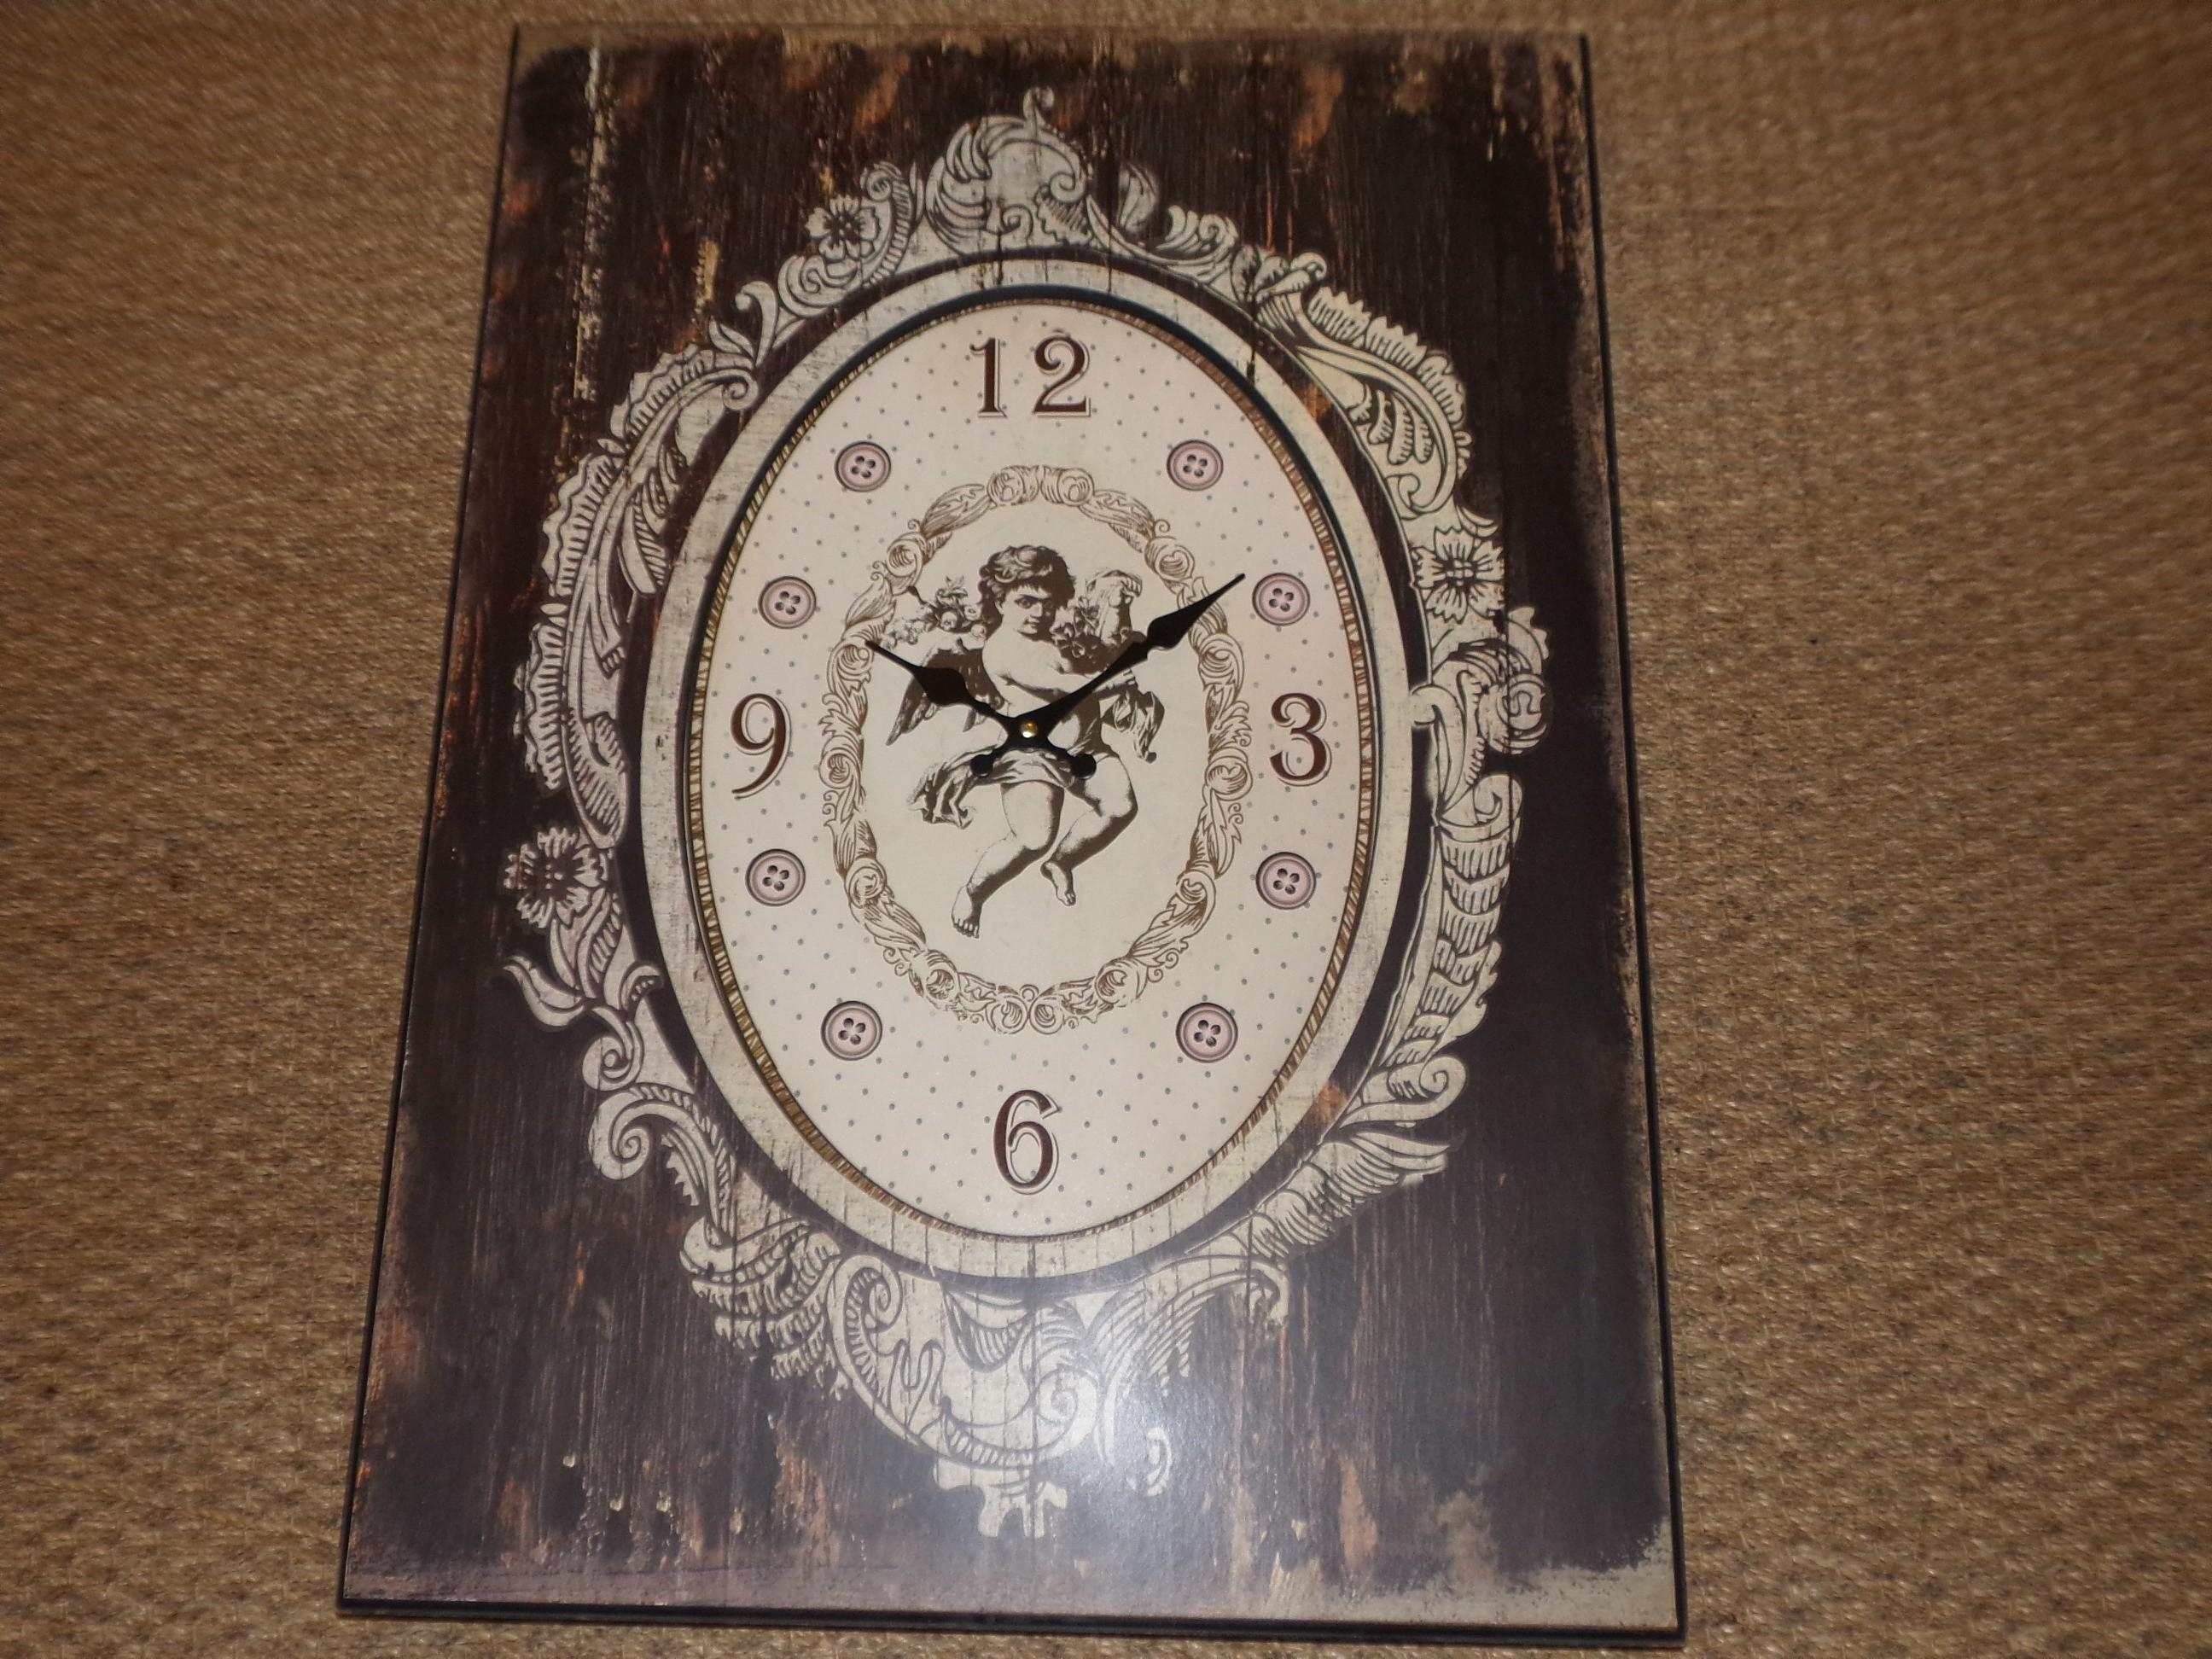 Grandes horloges murales cheap dcouvrez les horloges murales gantes en sticker avec leurs for Grandes horloges murales design